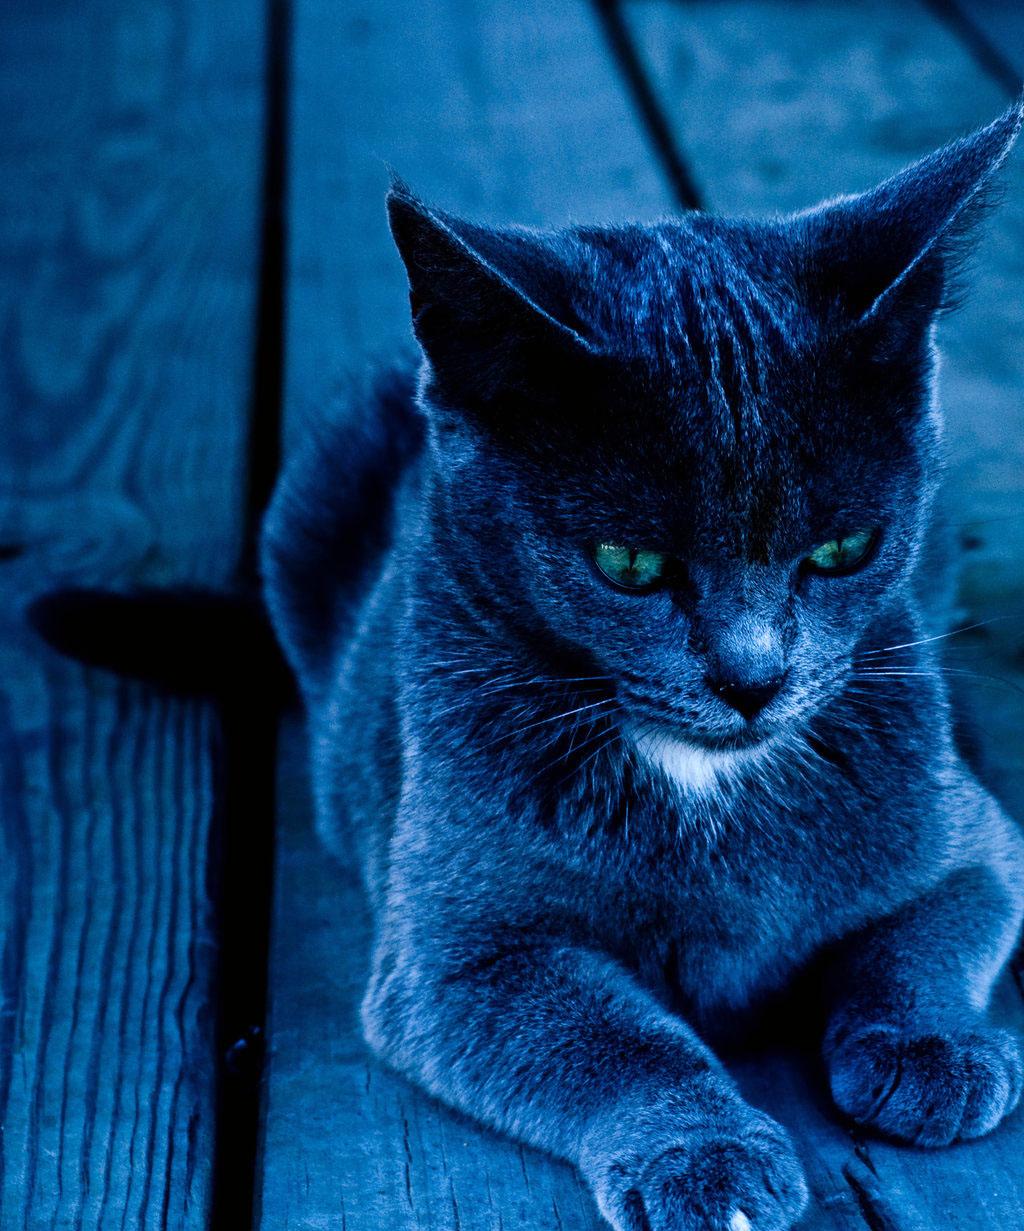 http://1.bp.blogspot.com/_ZcDP5ny1XLA/TG9NqcGWR4I/AAAAAAAACHE/u1r4jvbaw4U/s1600/elegant-cat-posing-blue-scene-picture.jpg